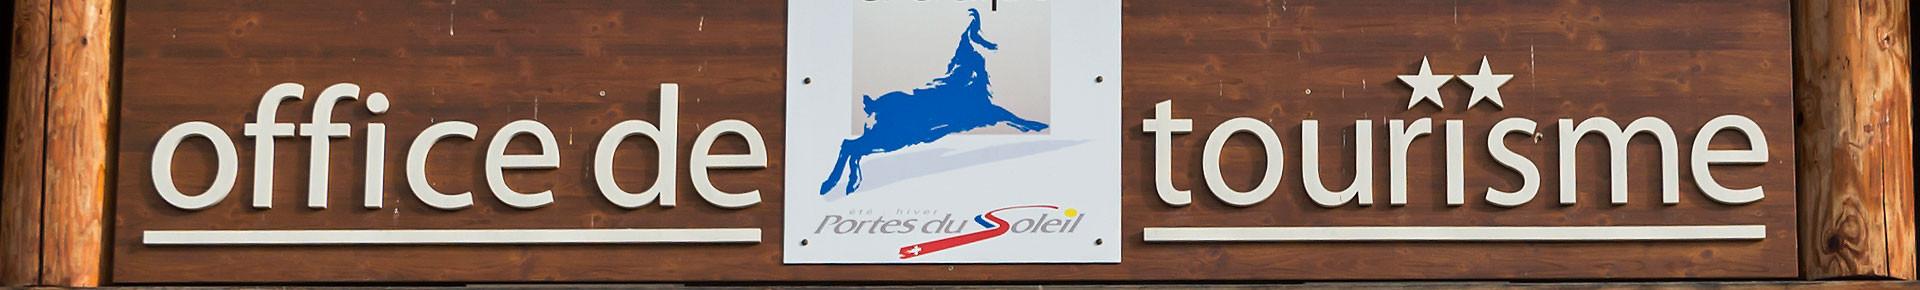 Horaires et services vall e d 39 aulps office de tourisme haute savoie - Office de tourisme d angouleme ...